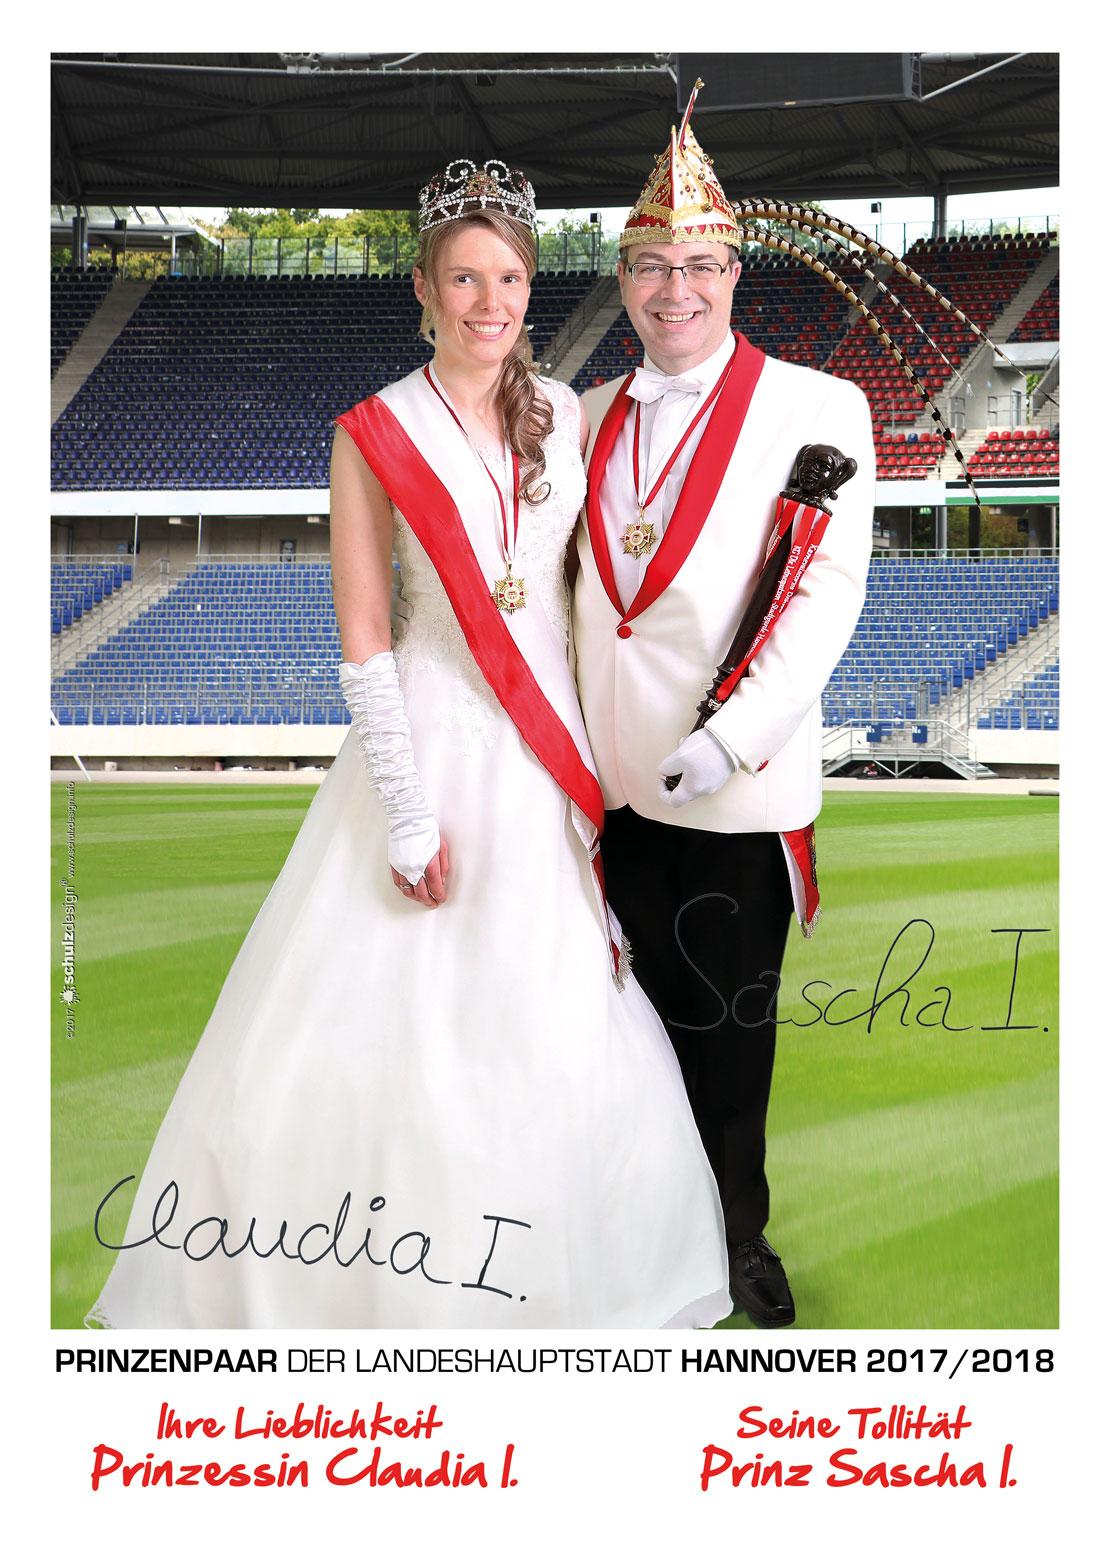 2017/18 – Sascha I. & Claudia I.